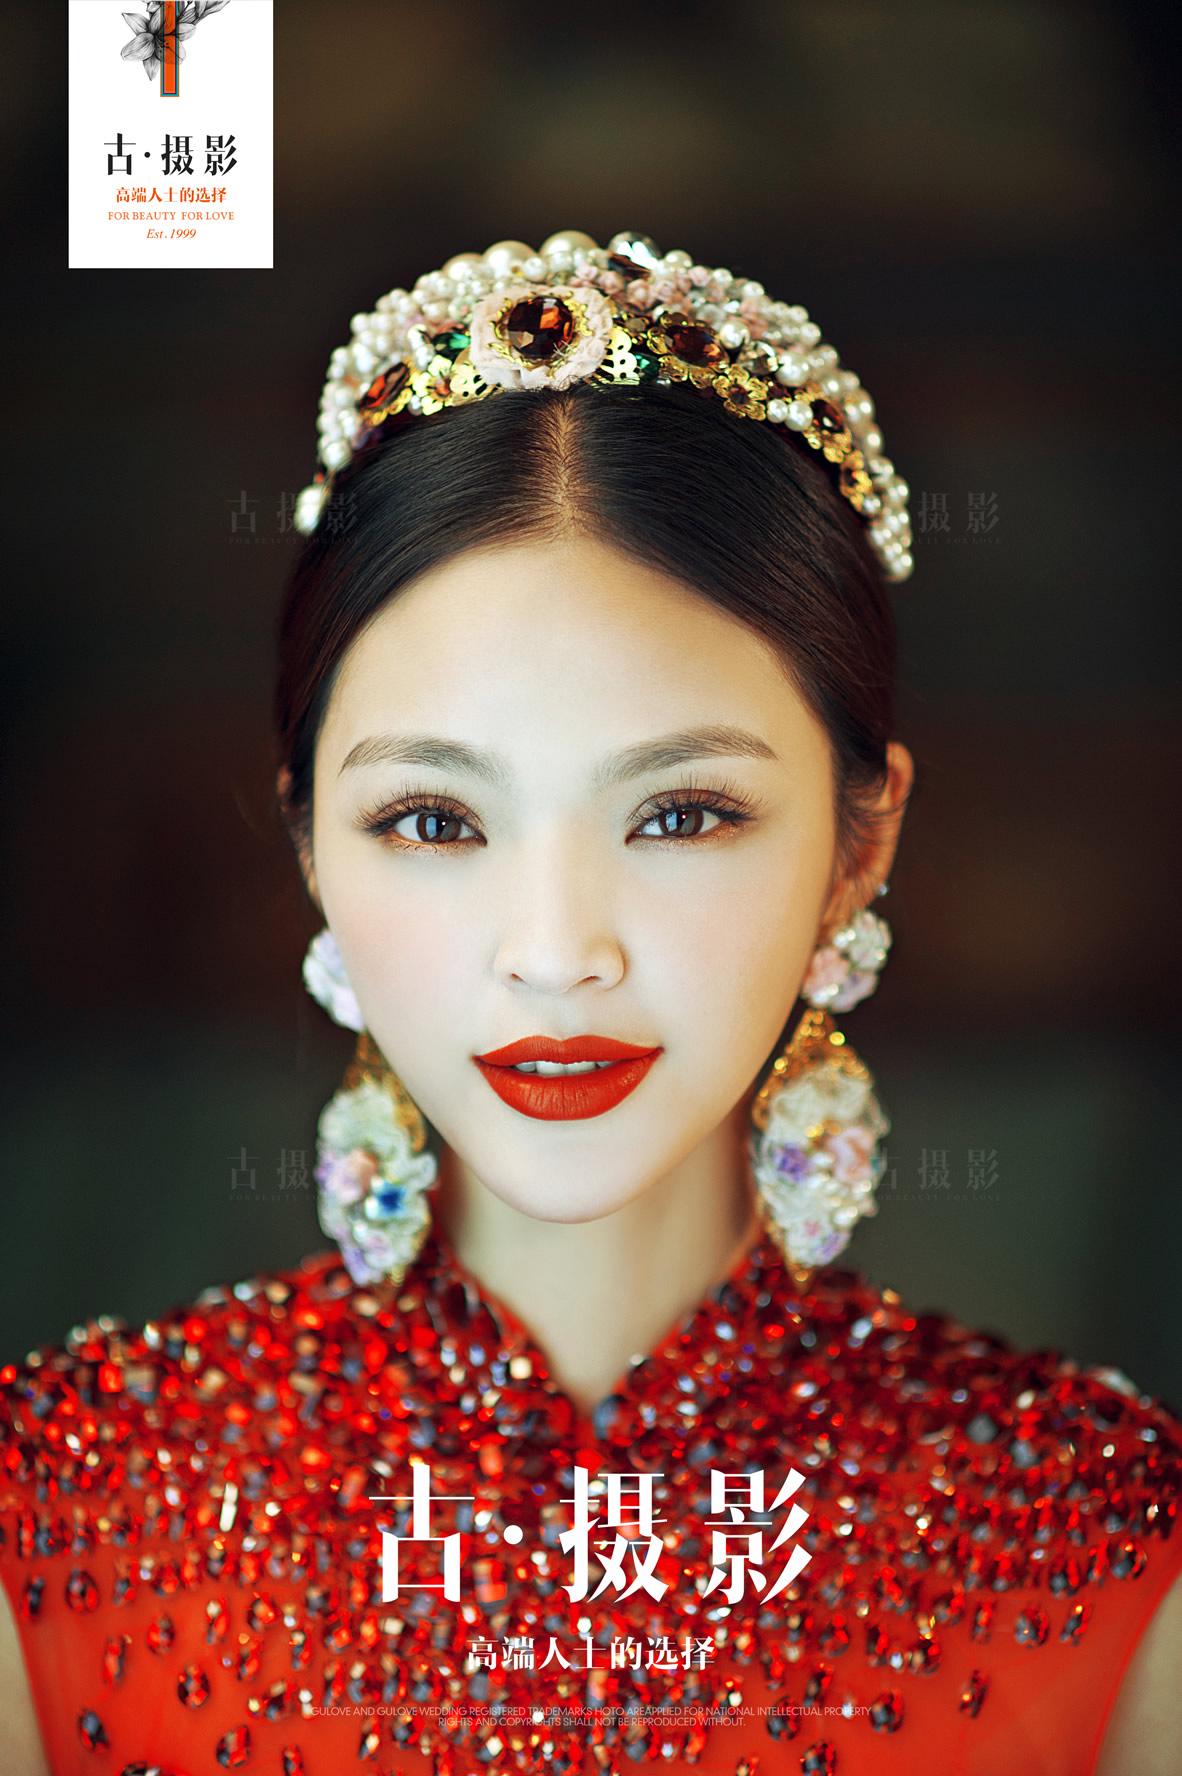 情迷红磨坊 - 明星范 - 广州婚纱摄影-广州古摄影官网